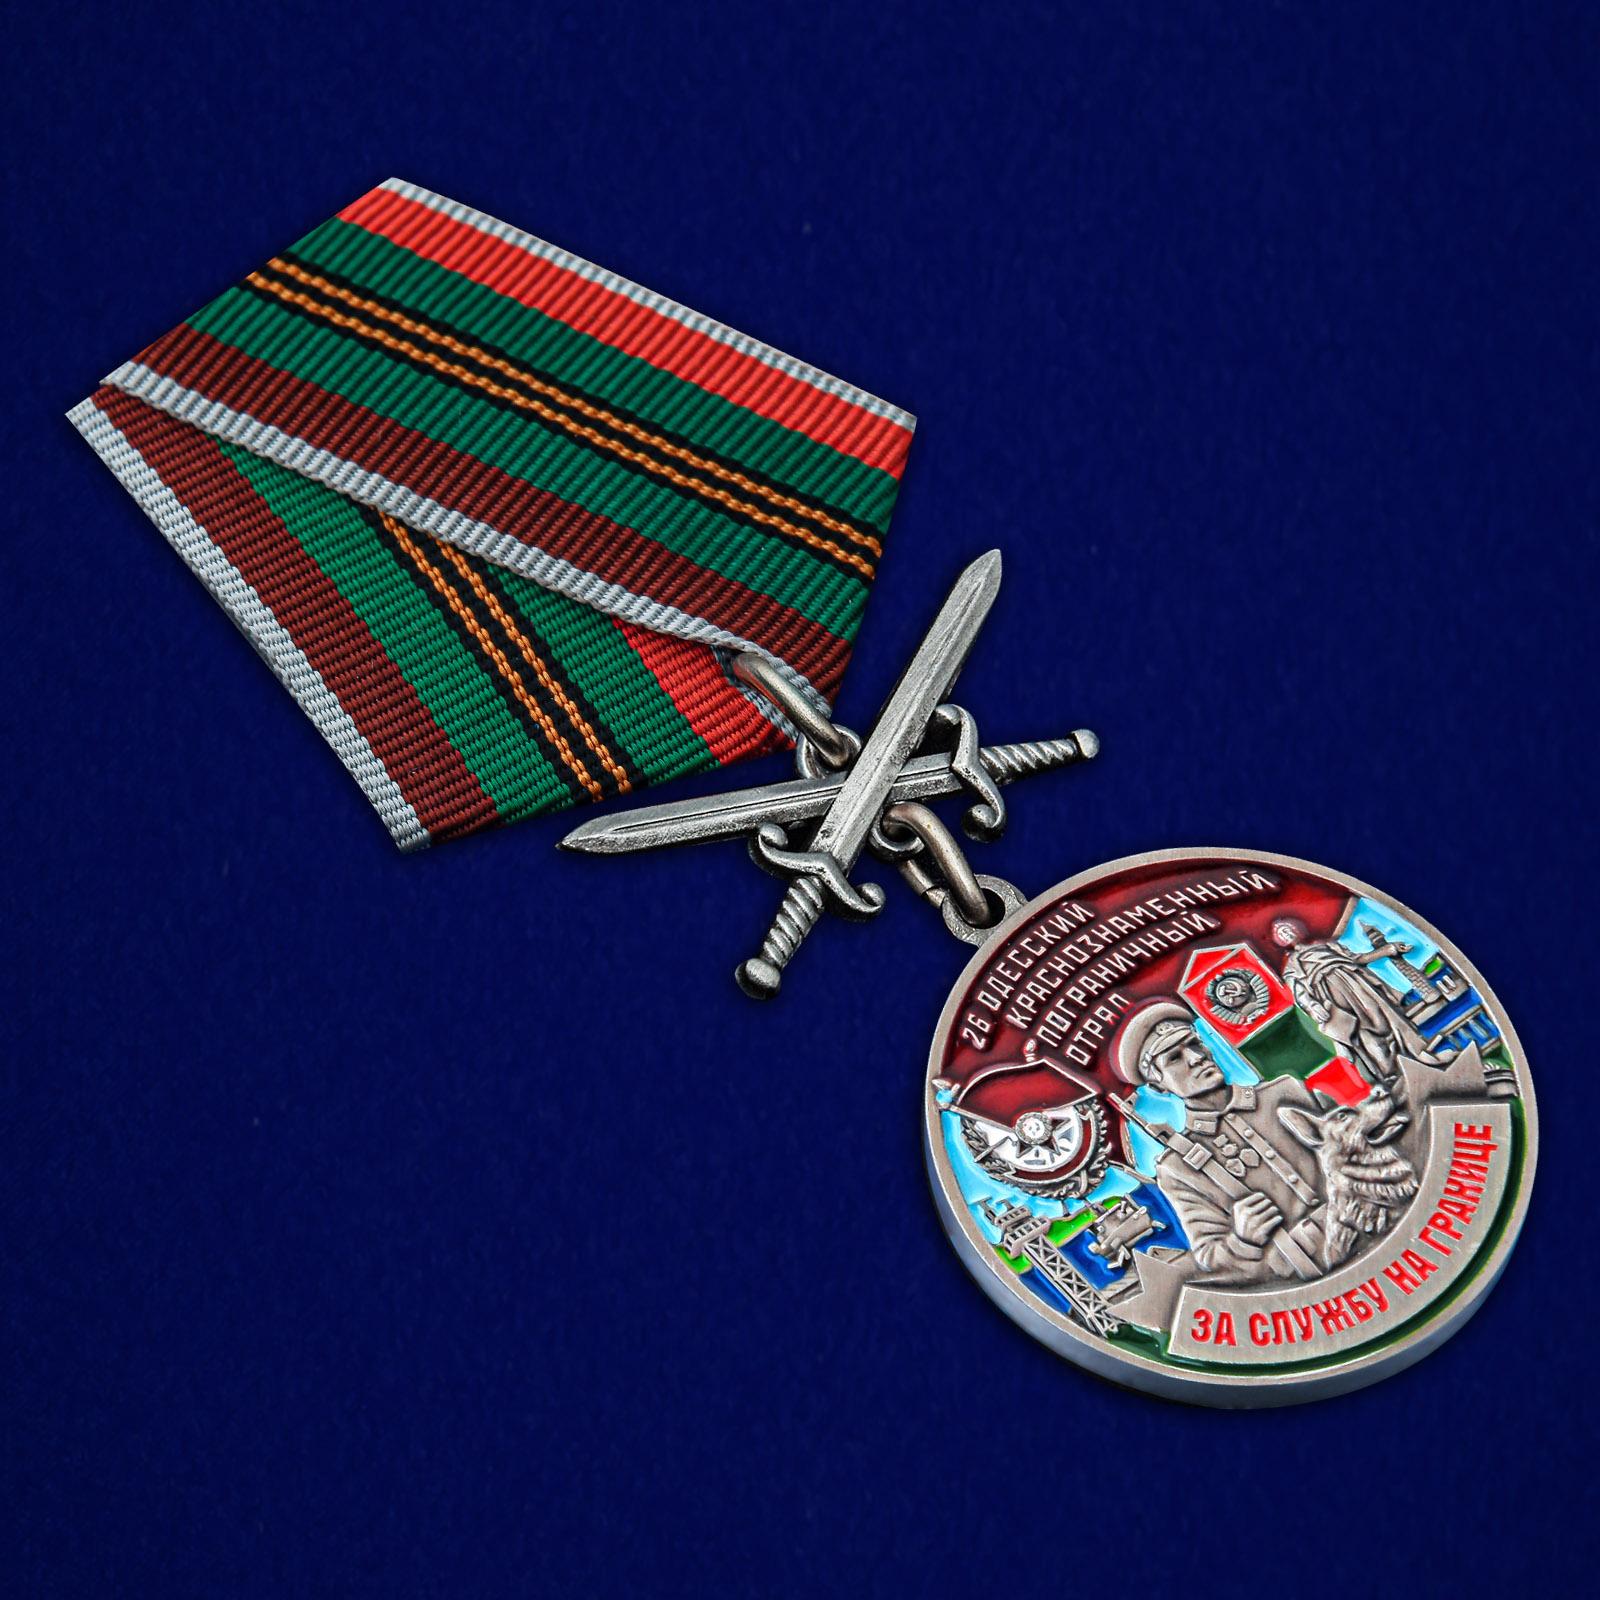 """Купить медаль """"За службу в Одесском пограничном отряде"""""""